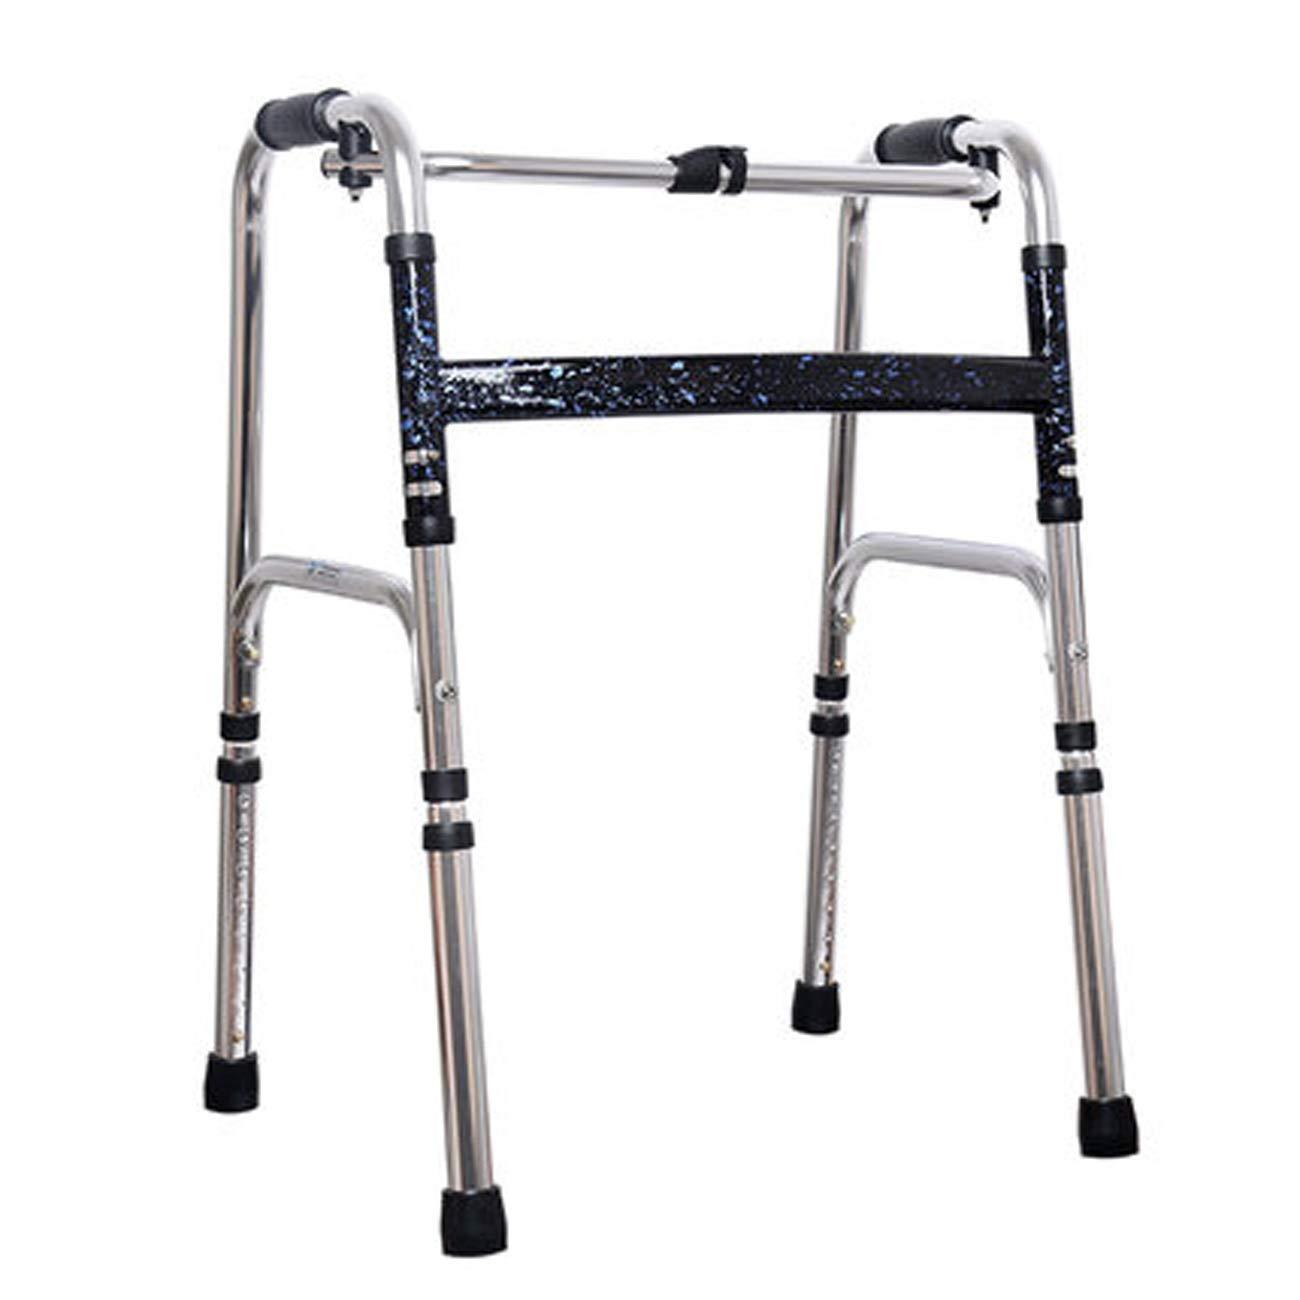 激安正規品 高齢者の歩行器 青) :、アルミニウム構造の歩行の歩行器、折りたたみ式四足補助歩行器、多色オプション (色 青 : 青) 青 B07L6FC2H6, atmos-tokyo:5802453b --- a0267596.xsph.ru